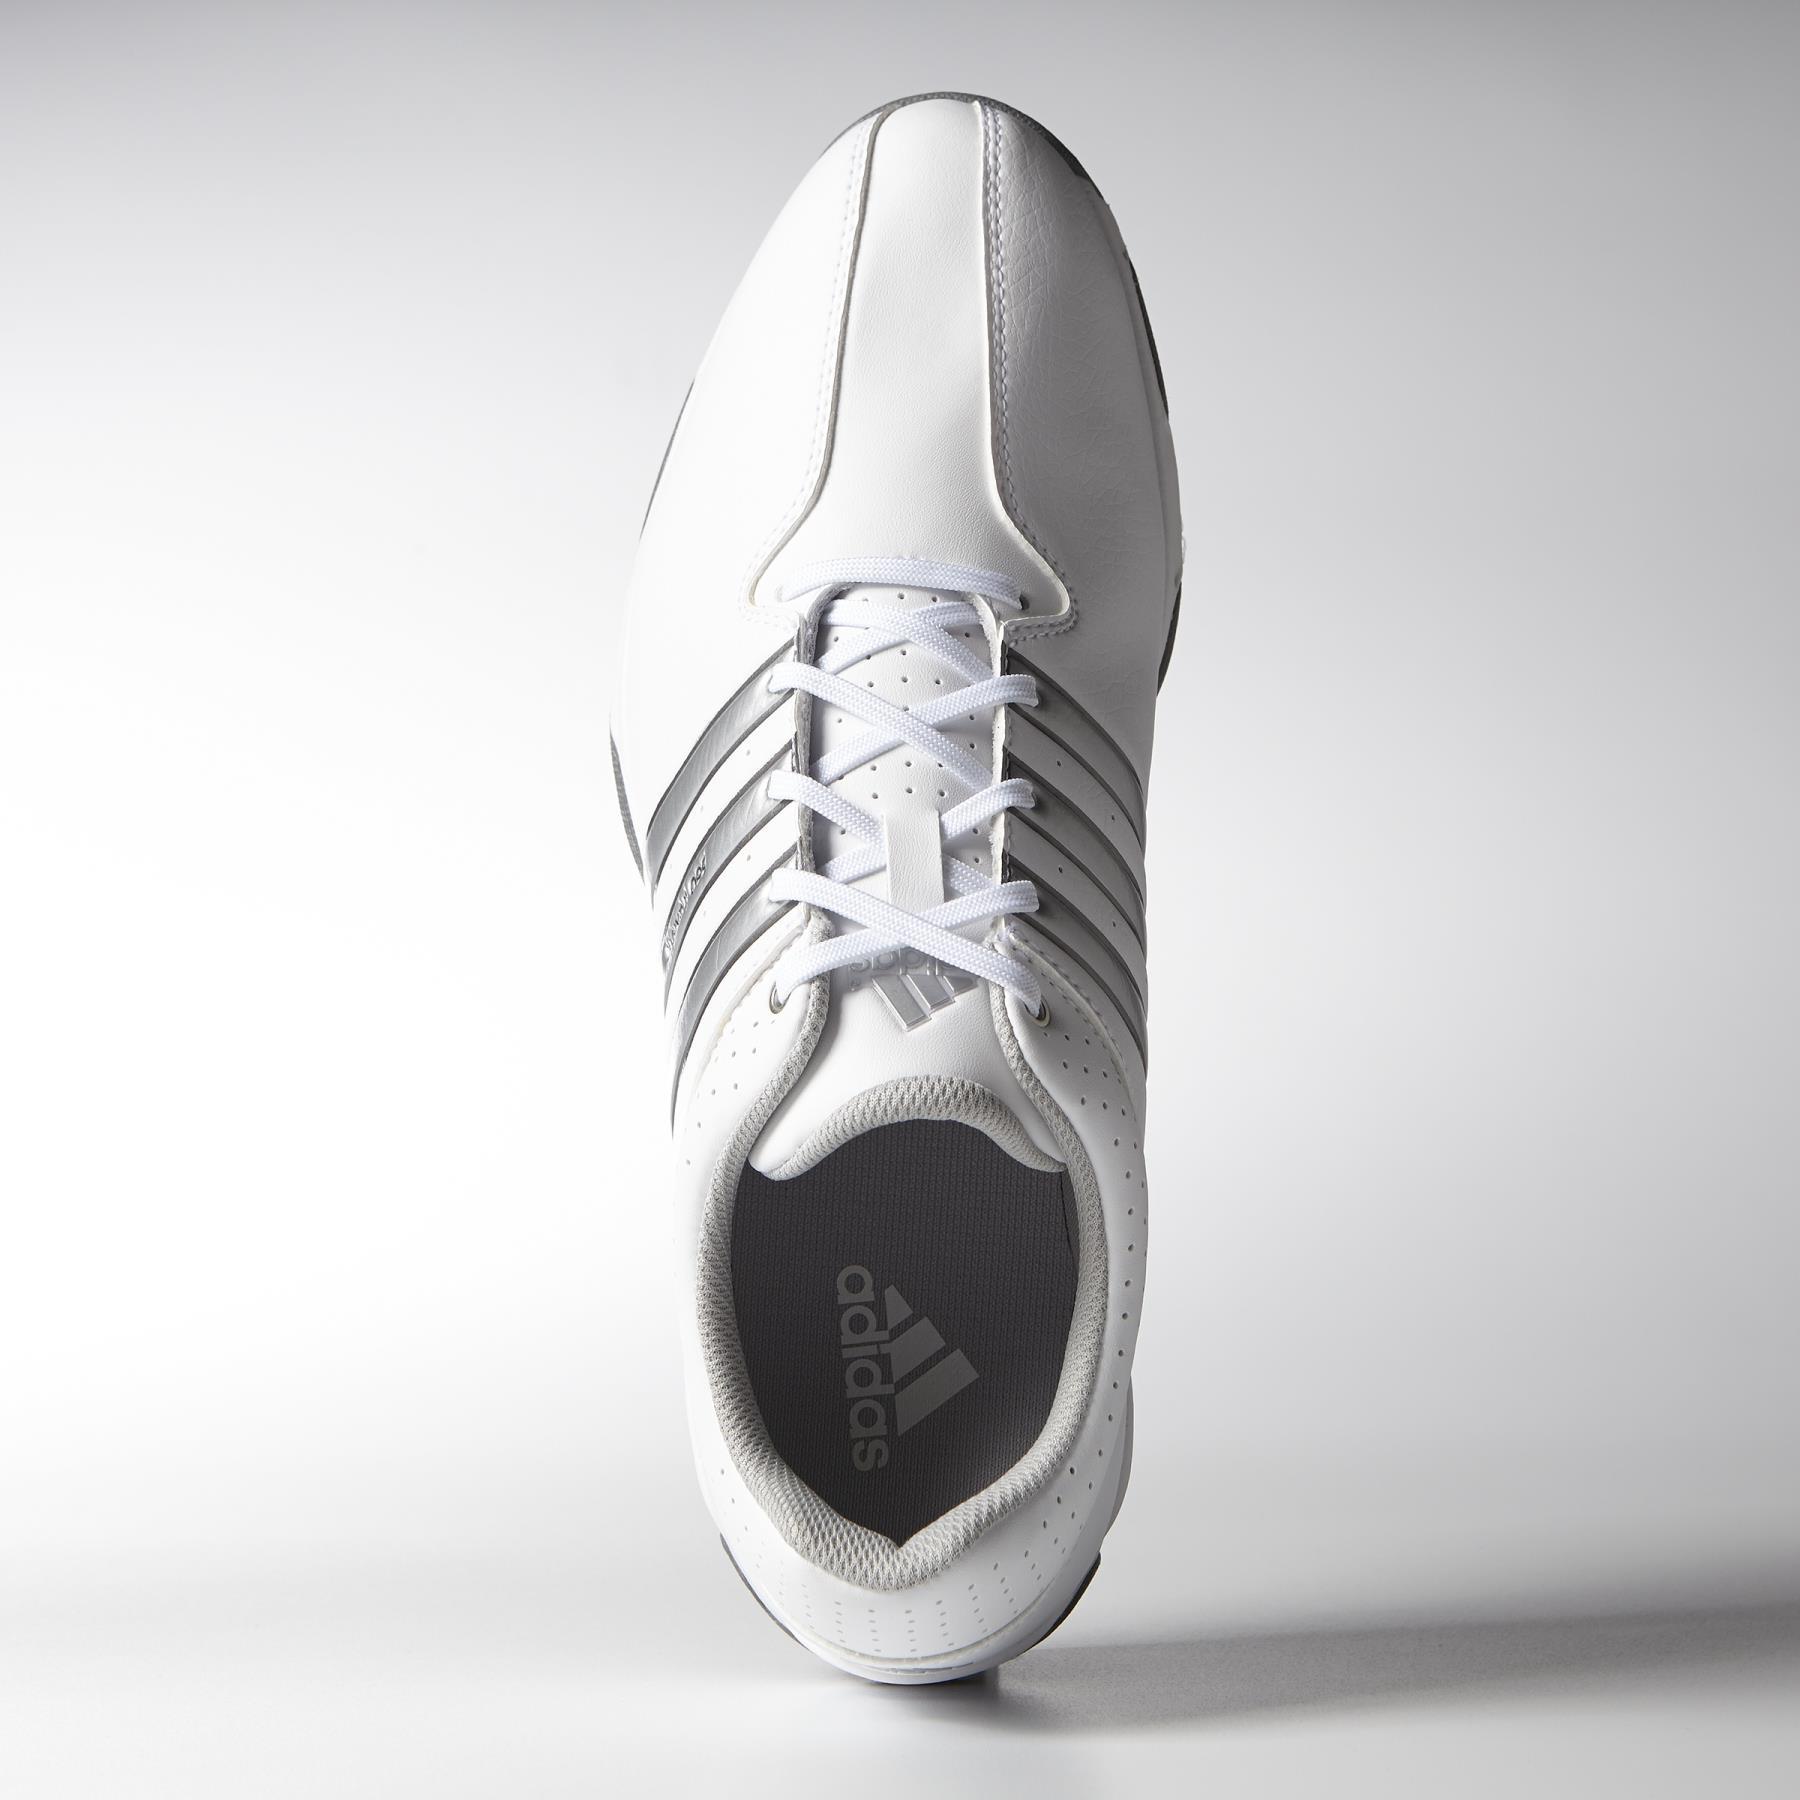 Adidas 360 Negozio Traxion 3 O'dwyers Golf Negozio 360 caa950